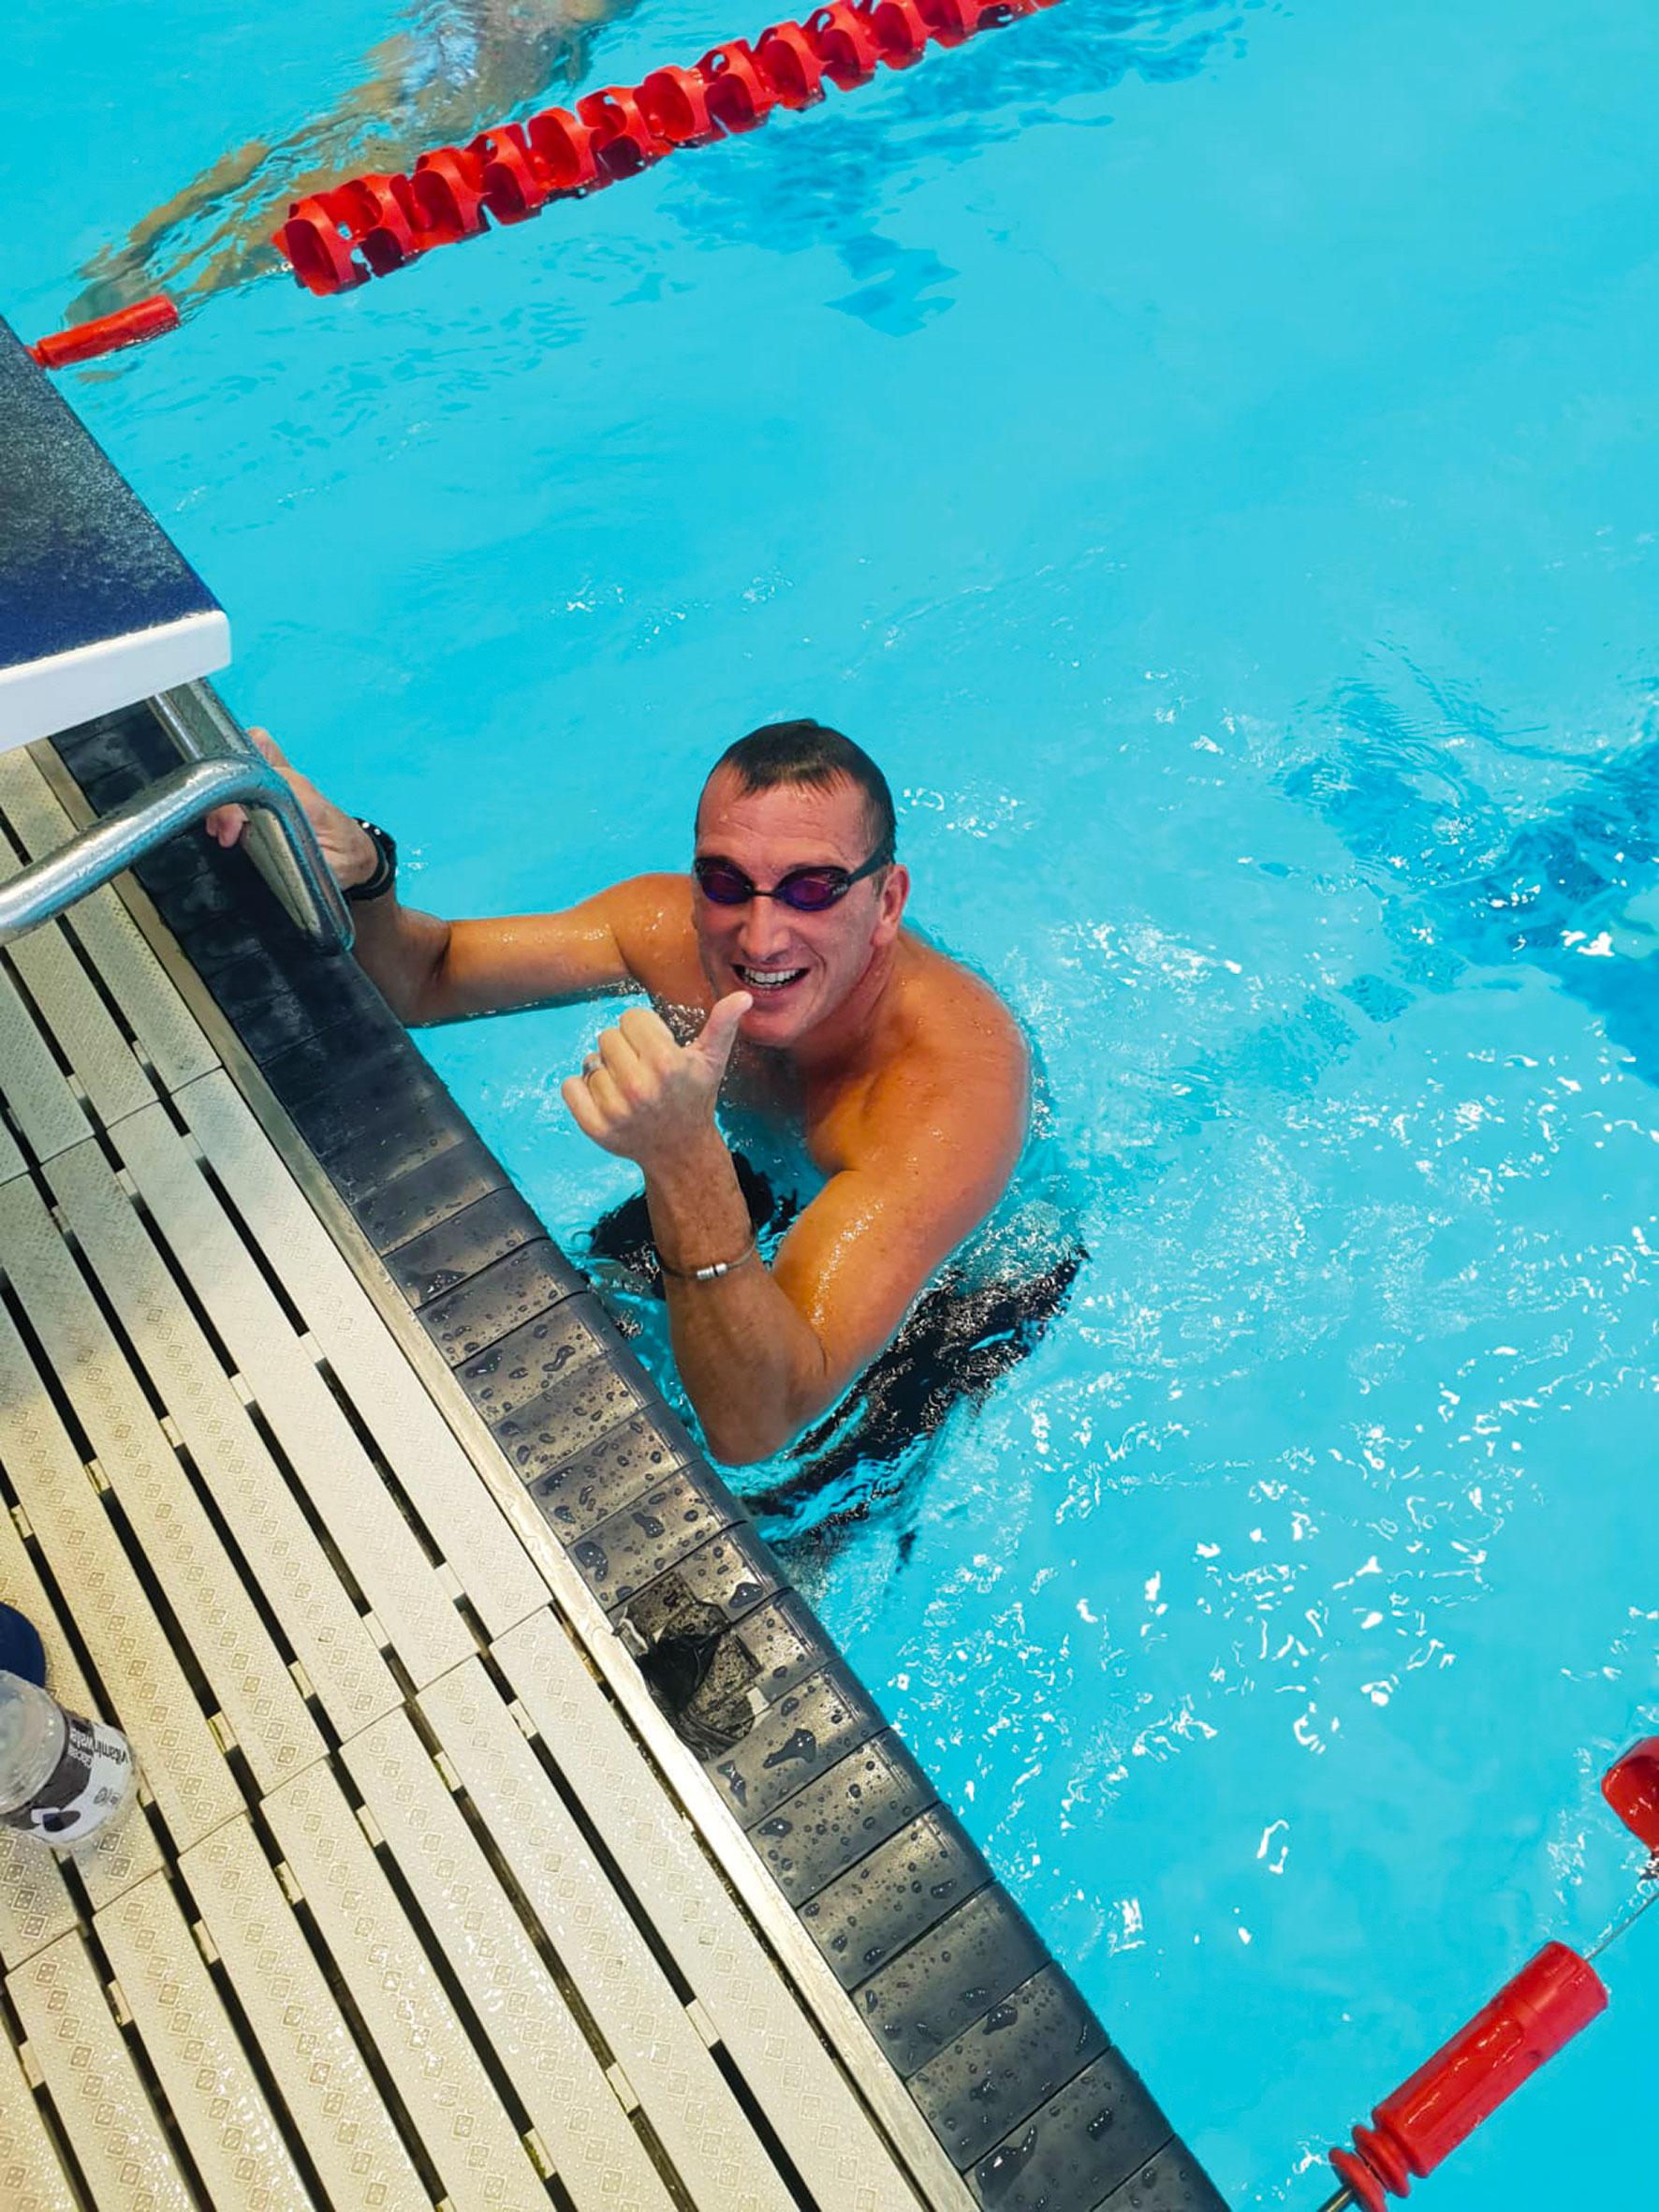 Callum Eade, person training in swimming pool